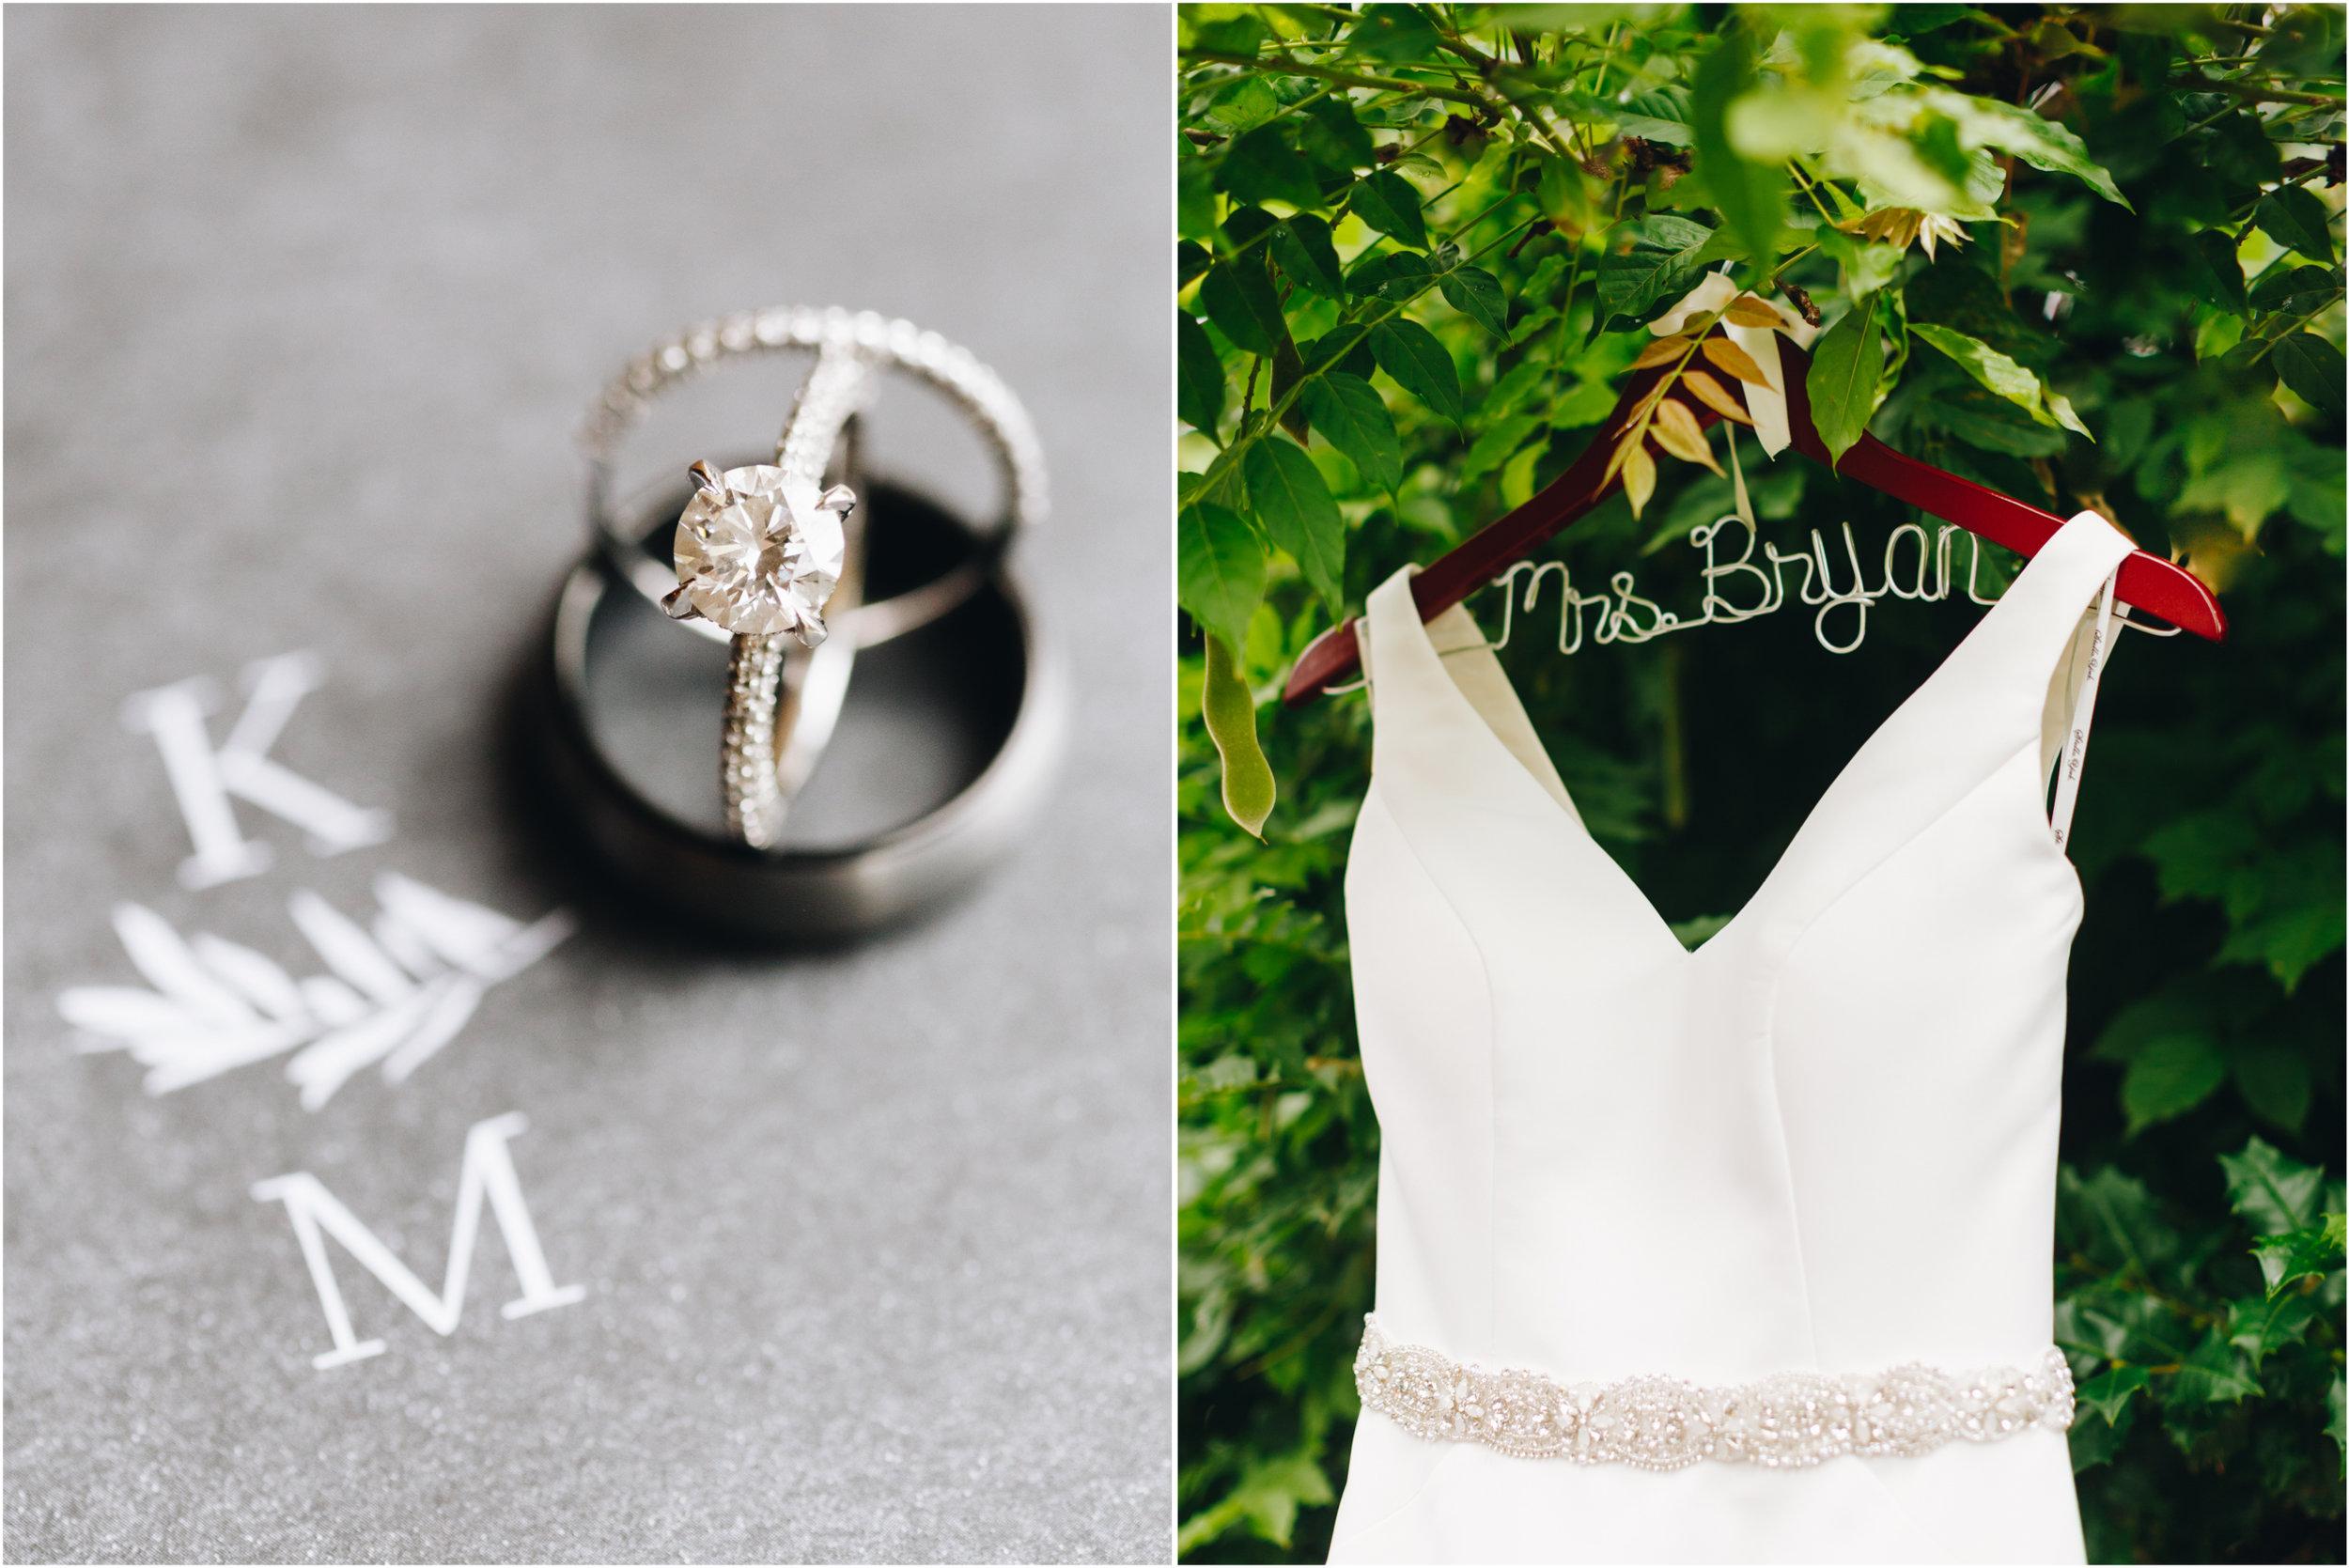 Wedding details, wedding rings, wedding hanger